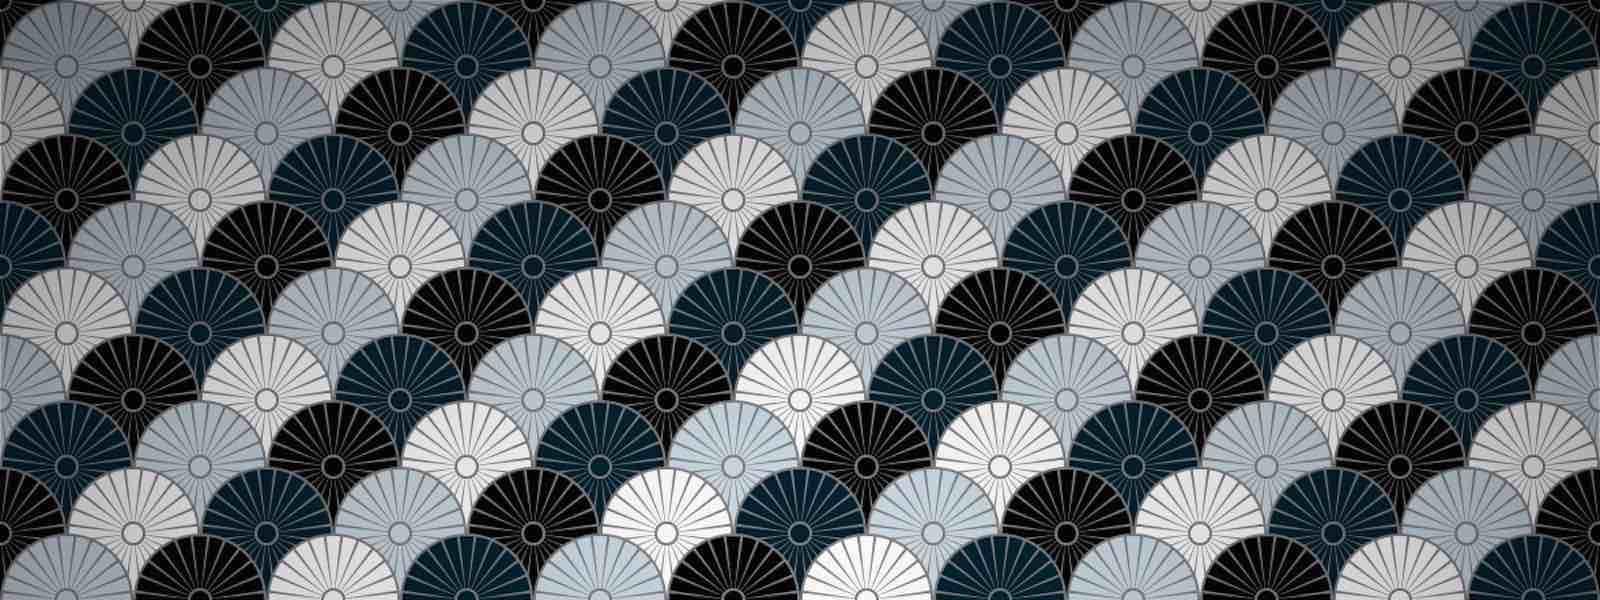 japanese-motif